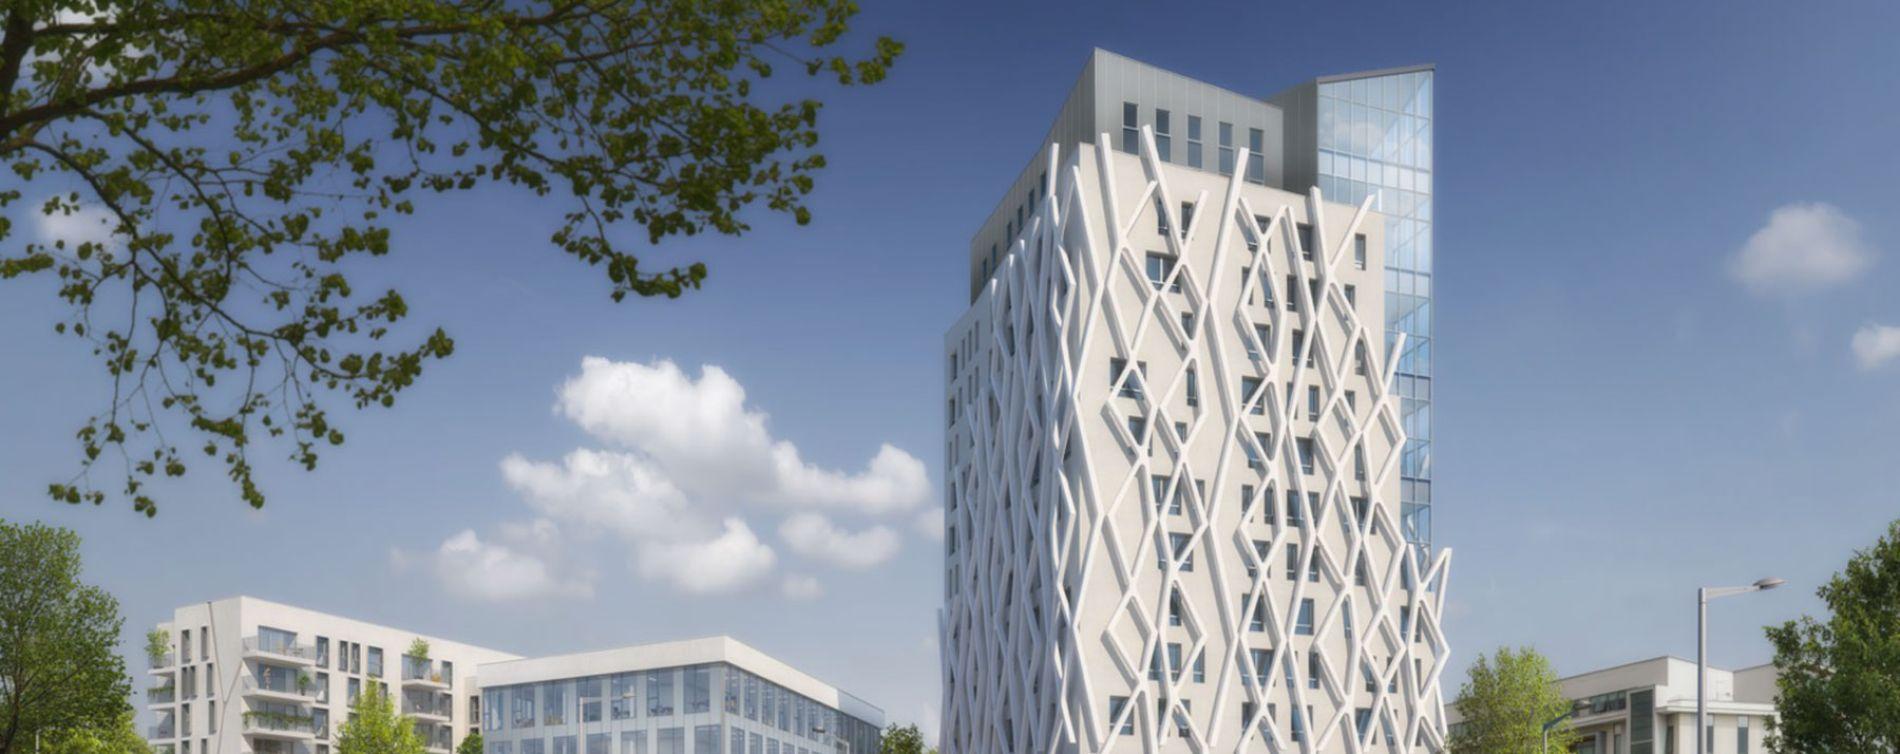 Résidence Campus Novus à Angers